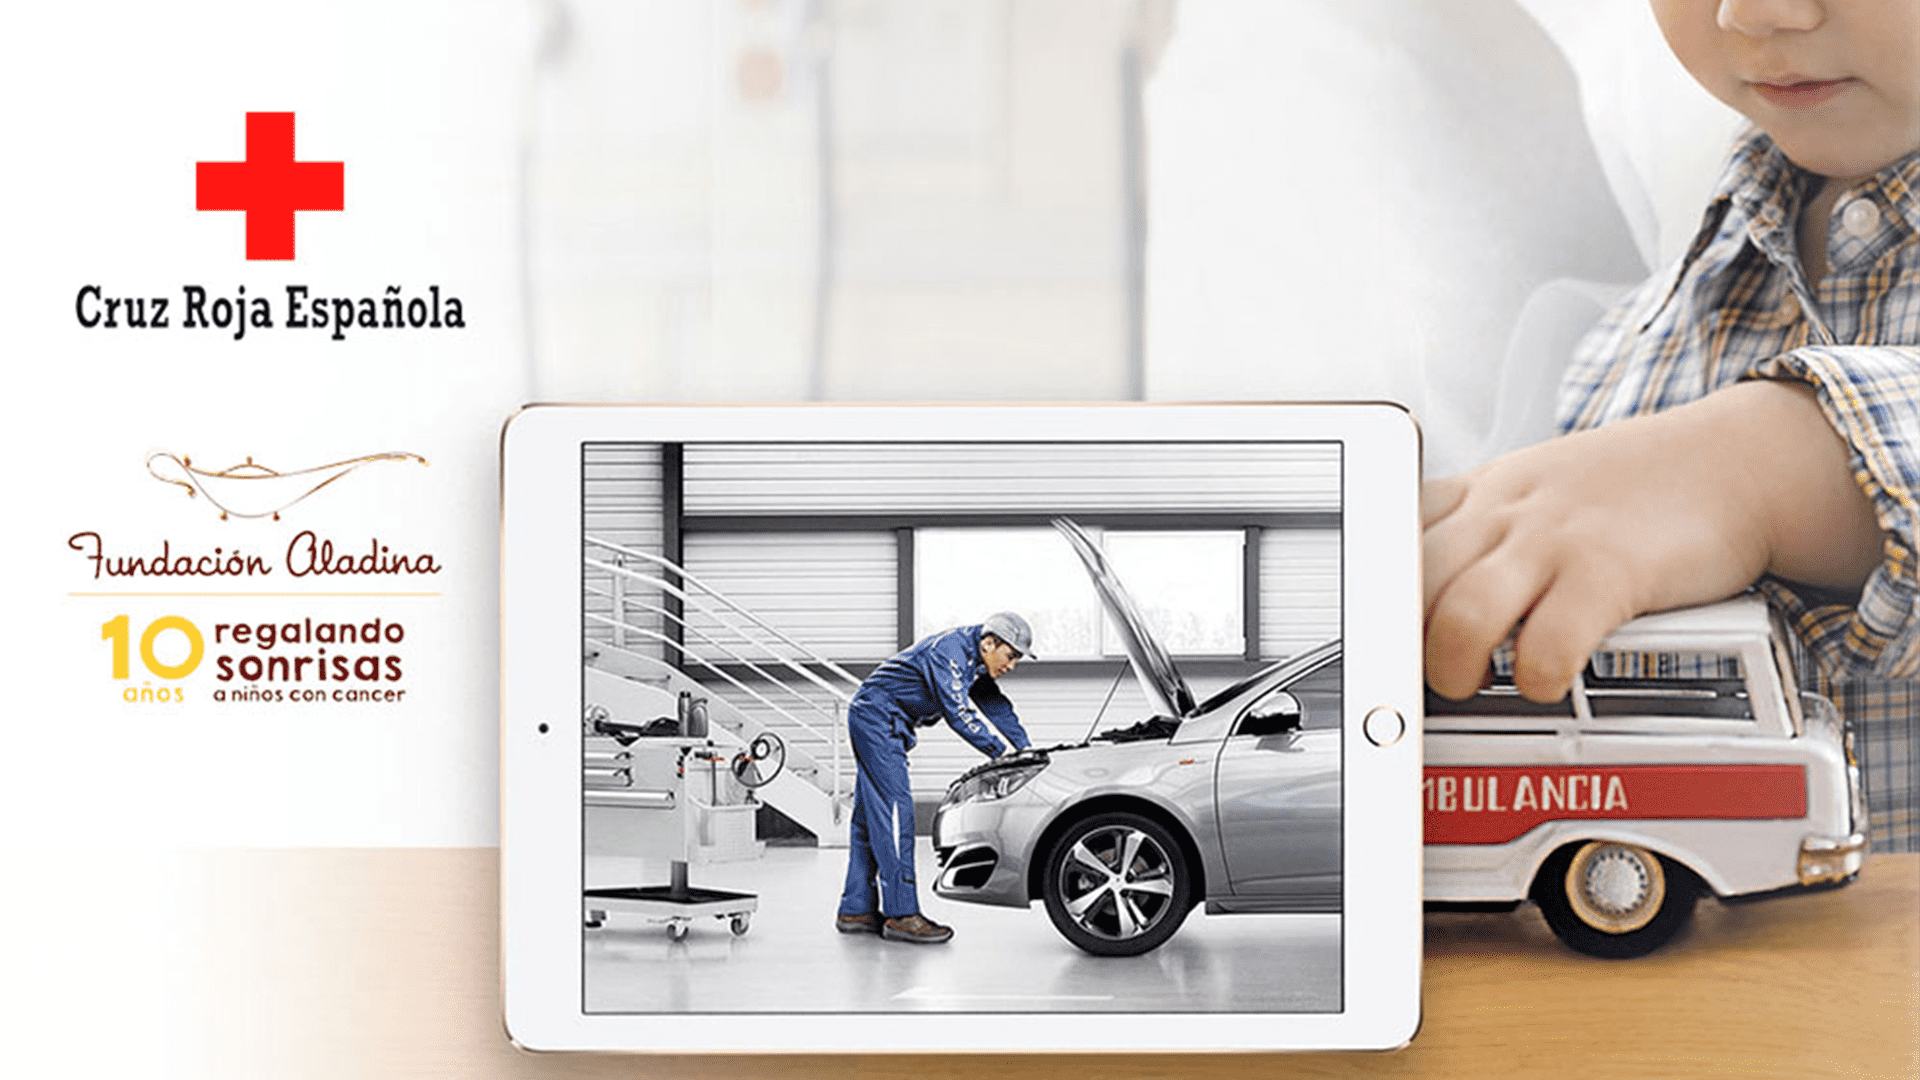 Eutrasa col·labora en la sisena edició de les revisions solidàries de Peugeot